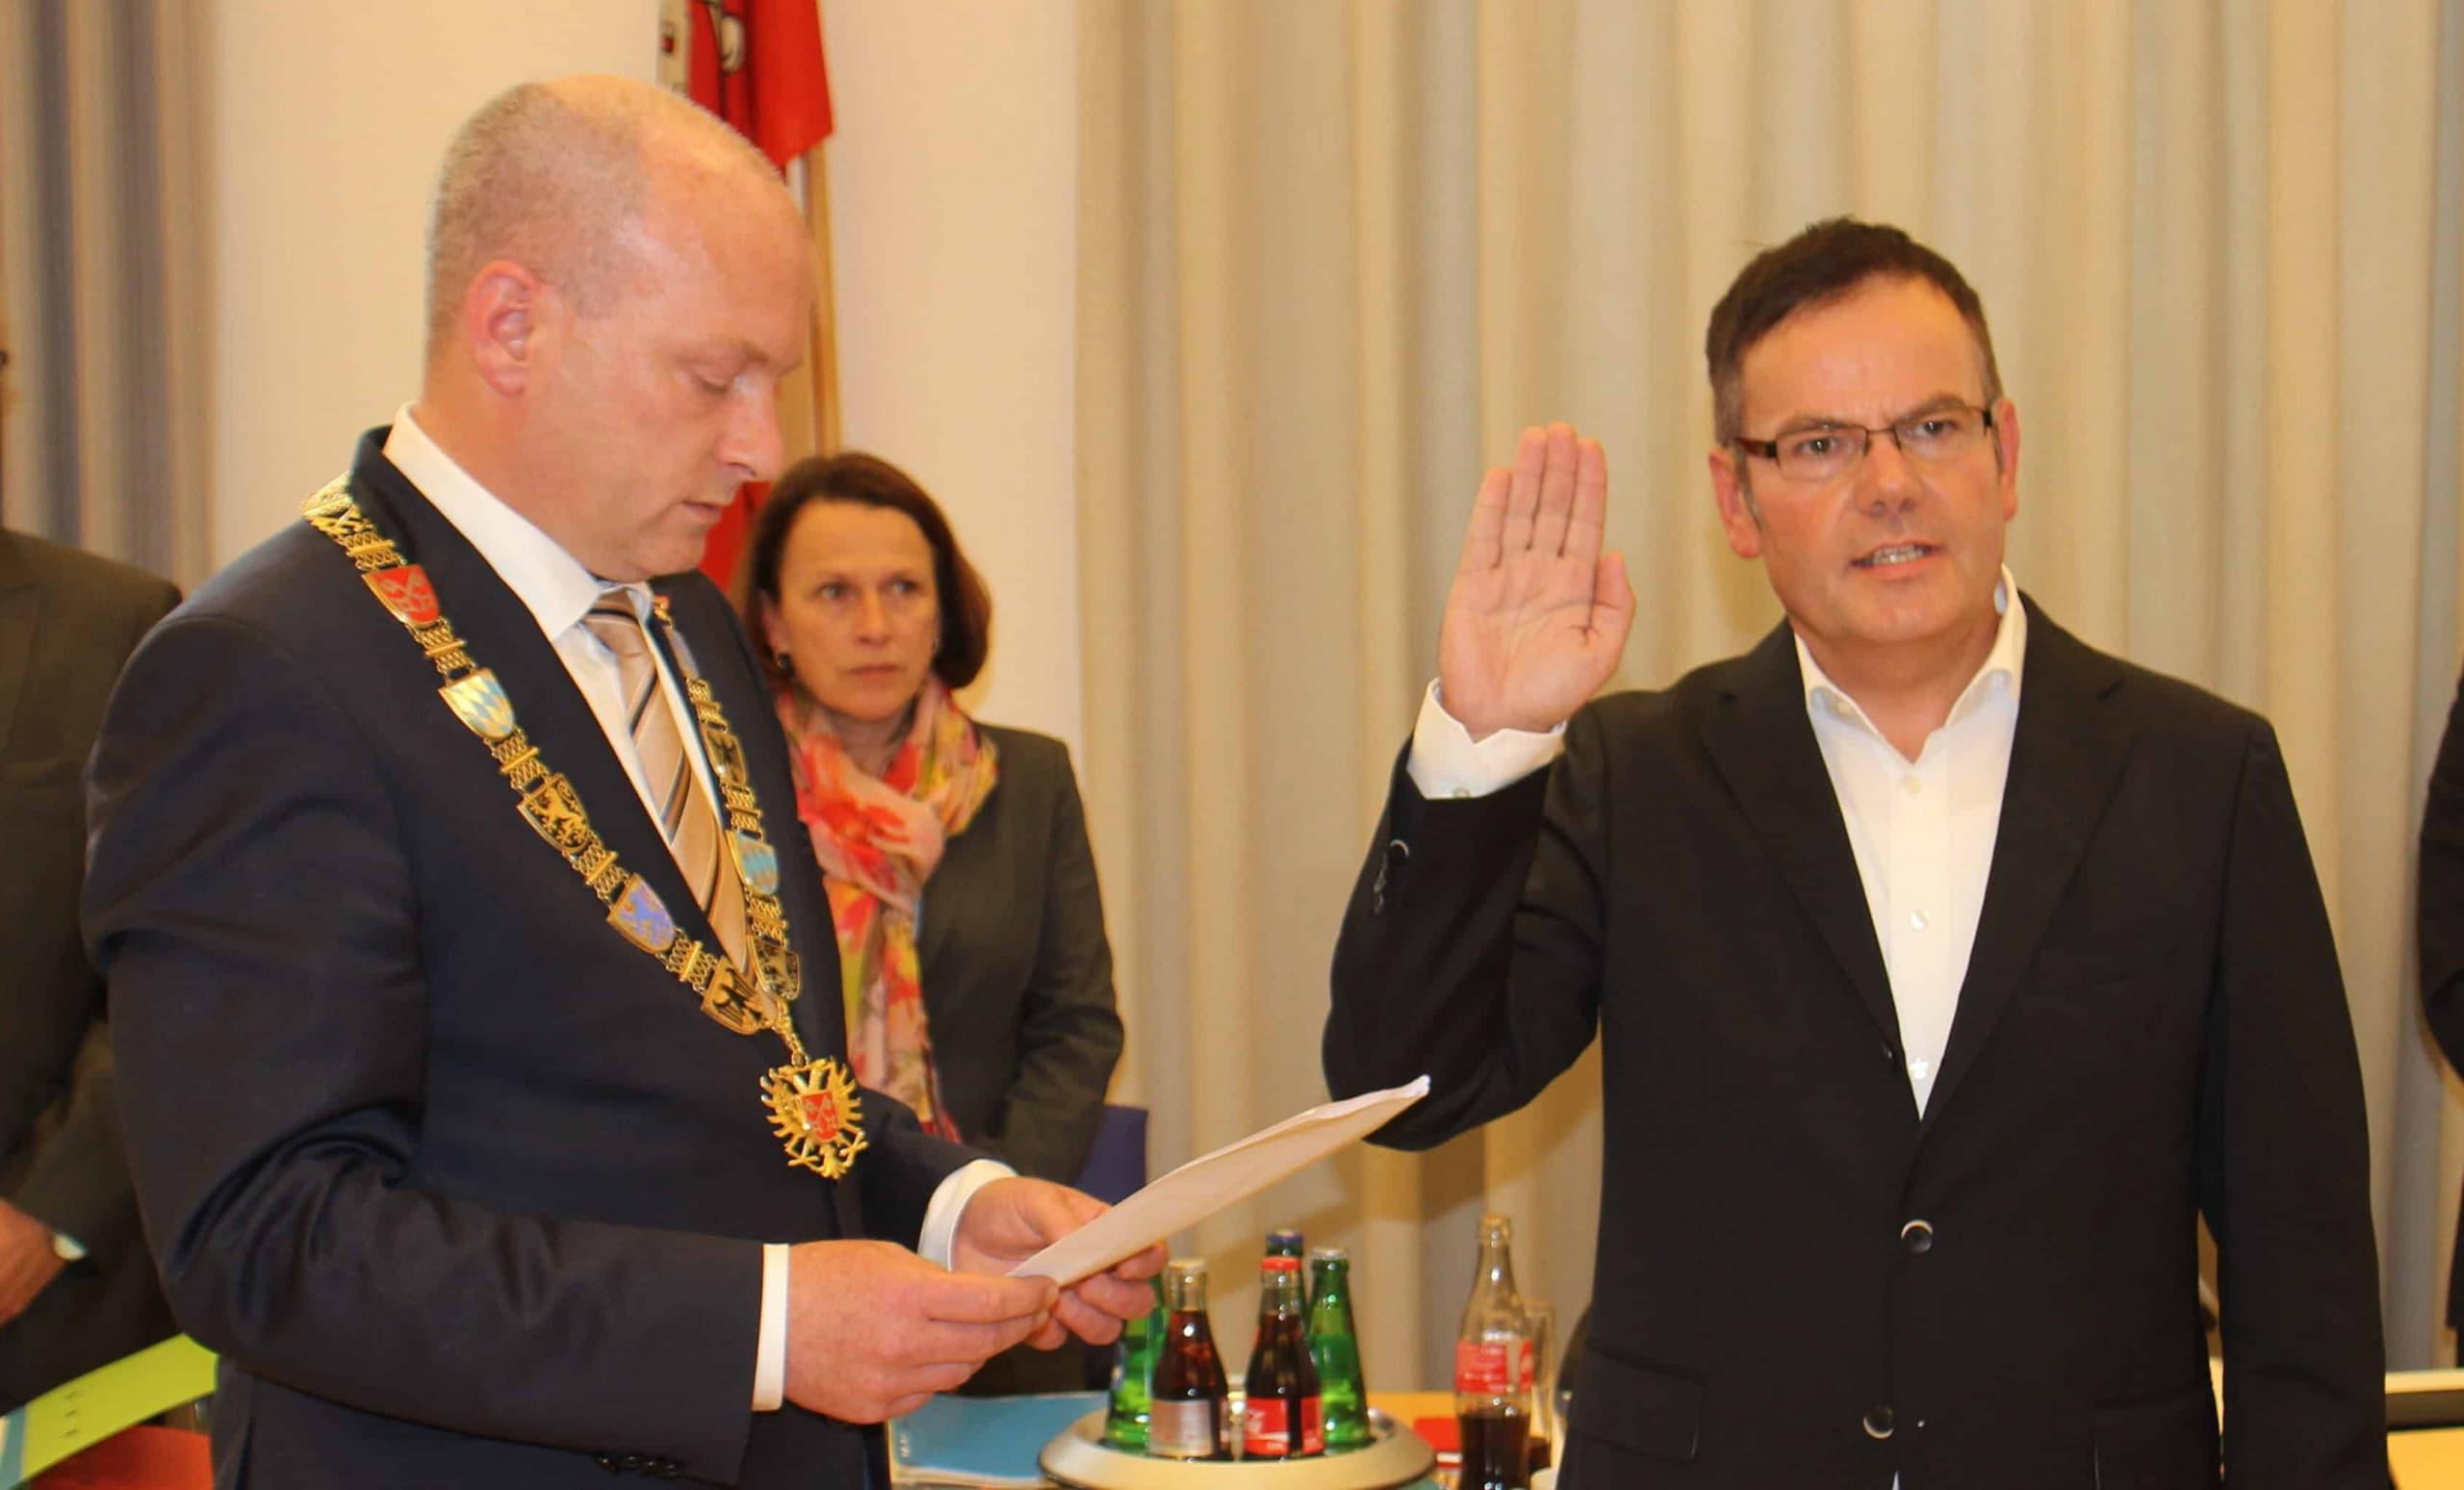 """Im Blizz spricht CSB-Stadtrat Christian Janele über die Wohnungspolitik, den ÖPNV und die Zukunft von Regensburg """"Jetzt müssen wichtige Weichen gestellt werden"""""""